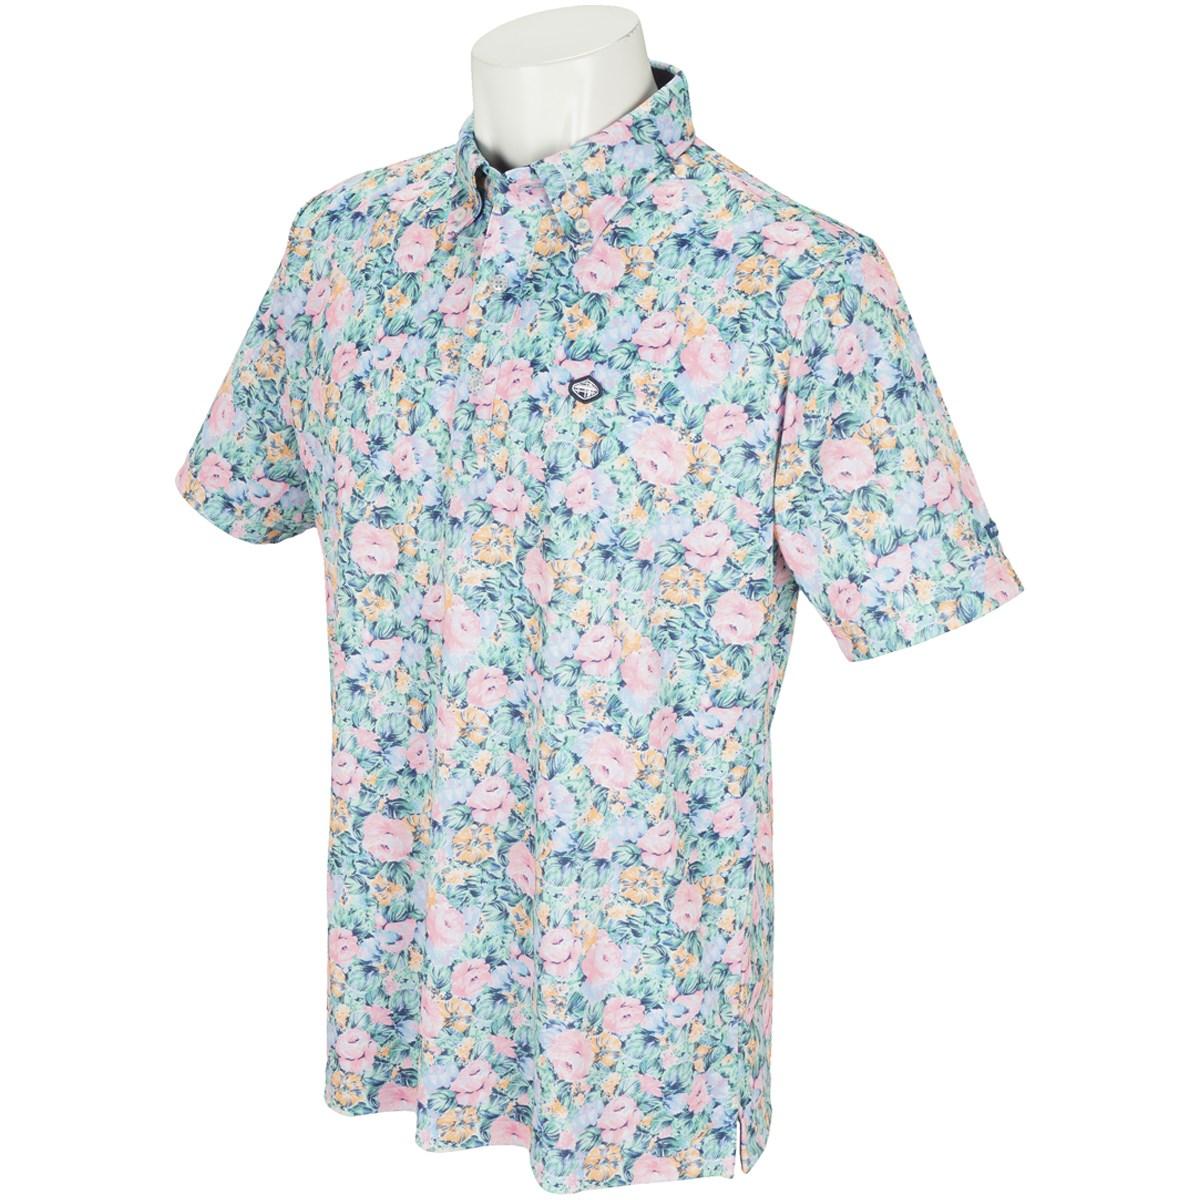 フィドラ フラワー半袖ポロシャツ